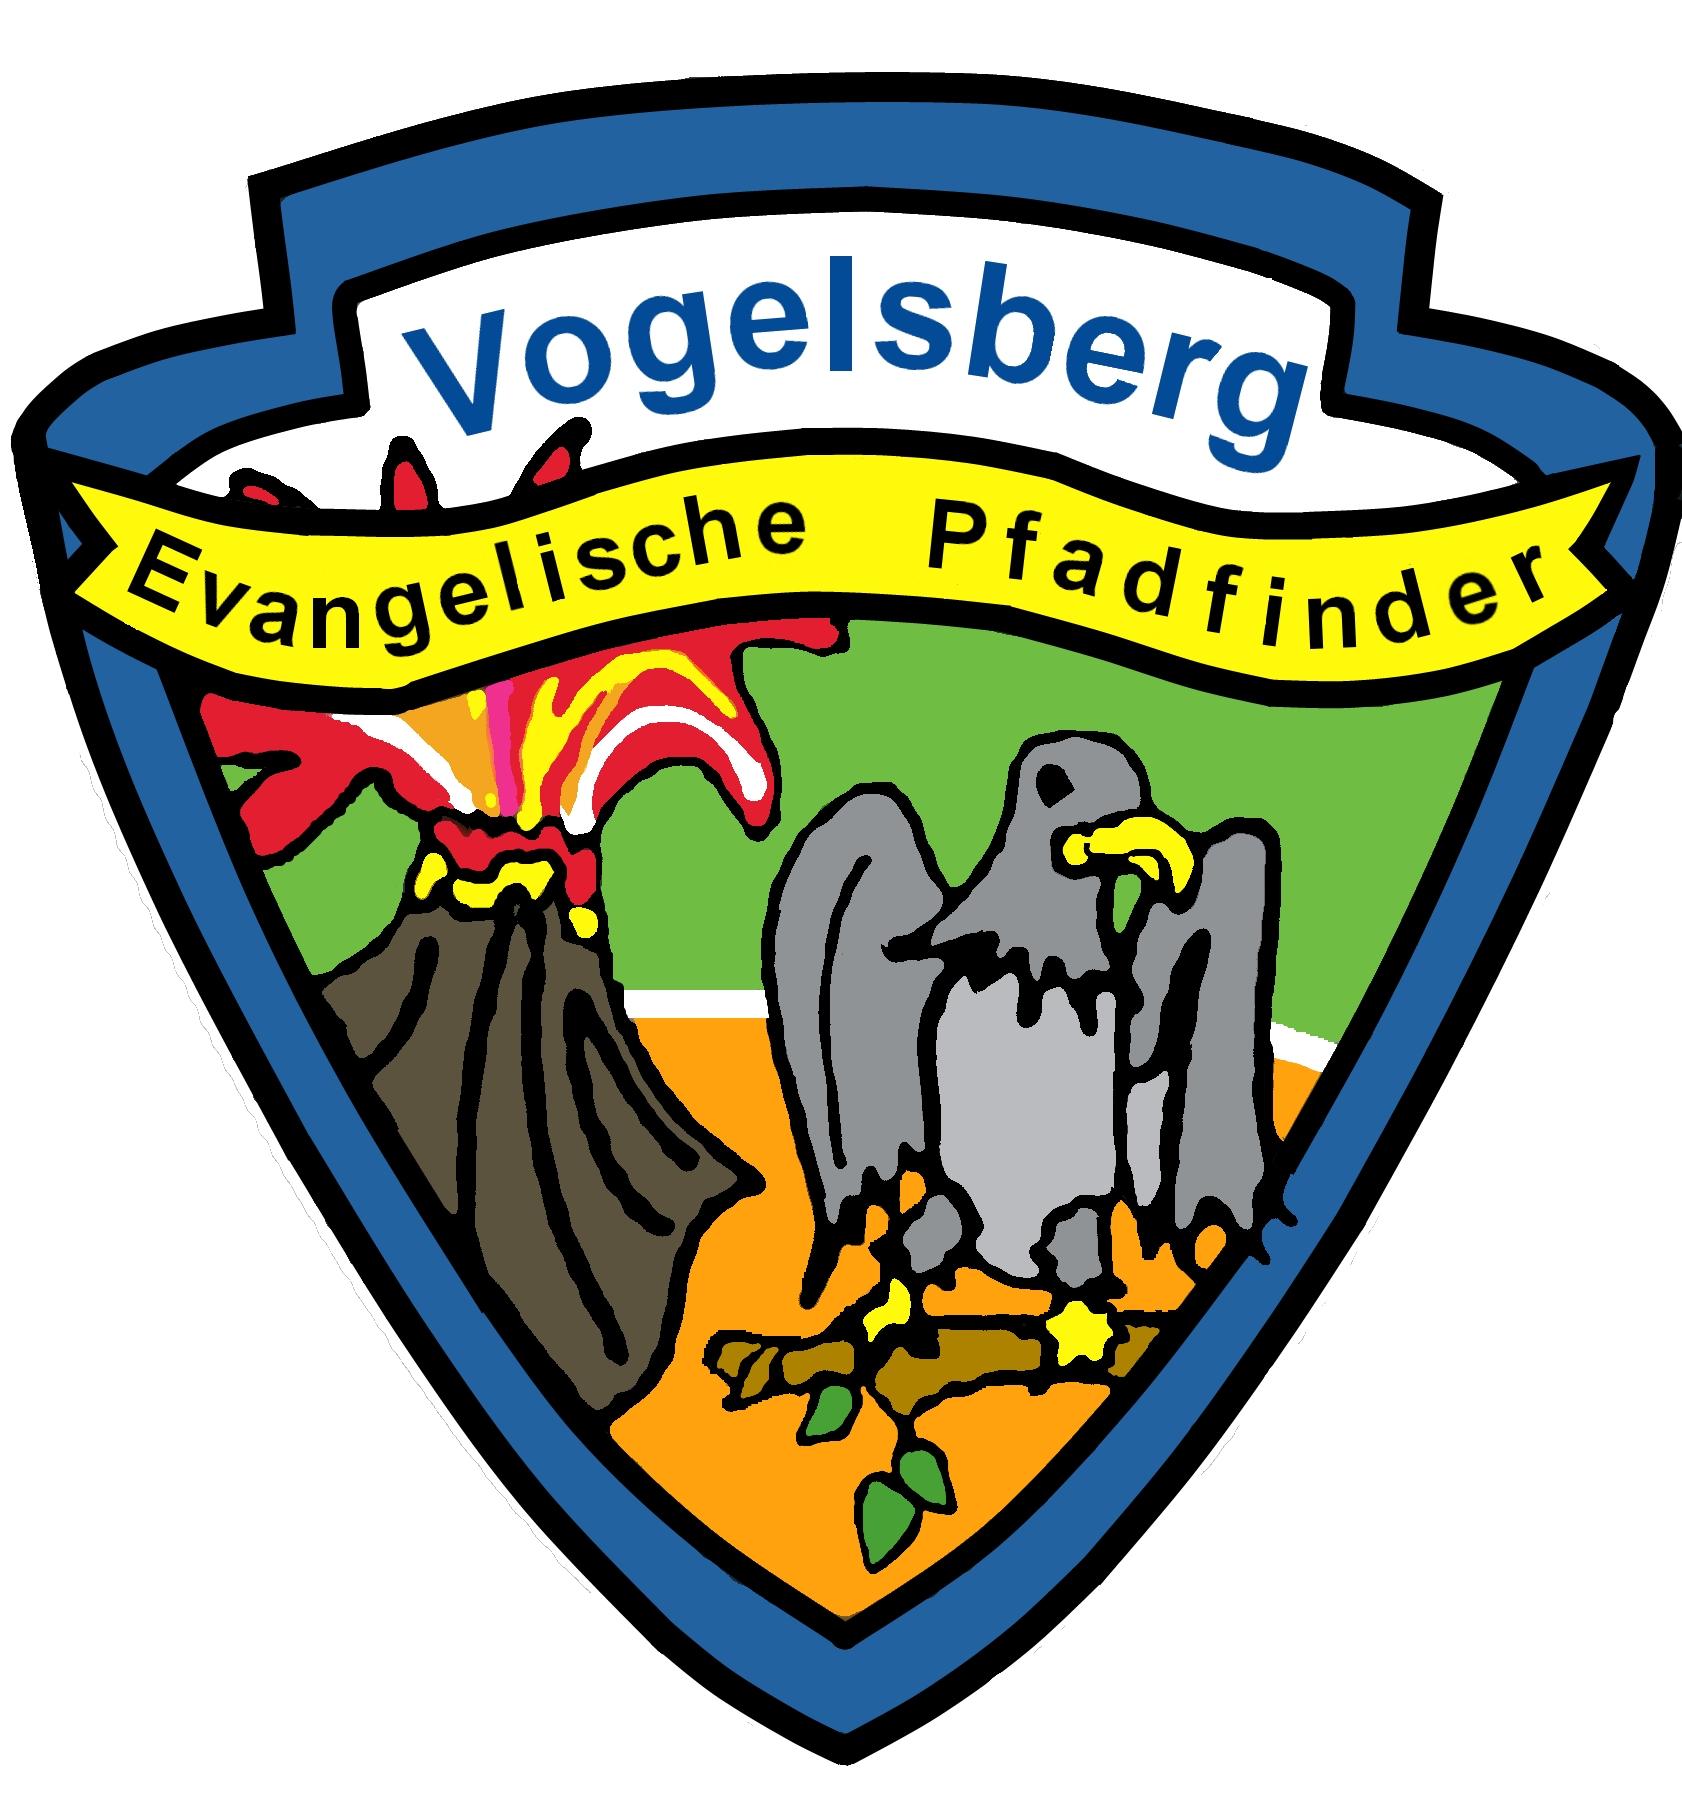 Vorgestellt: Evangelische Pfadfinder Vogelsberg